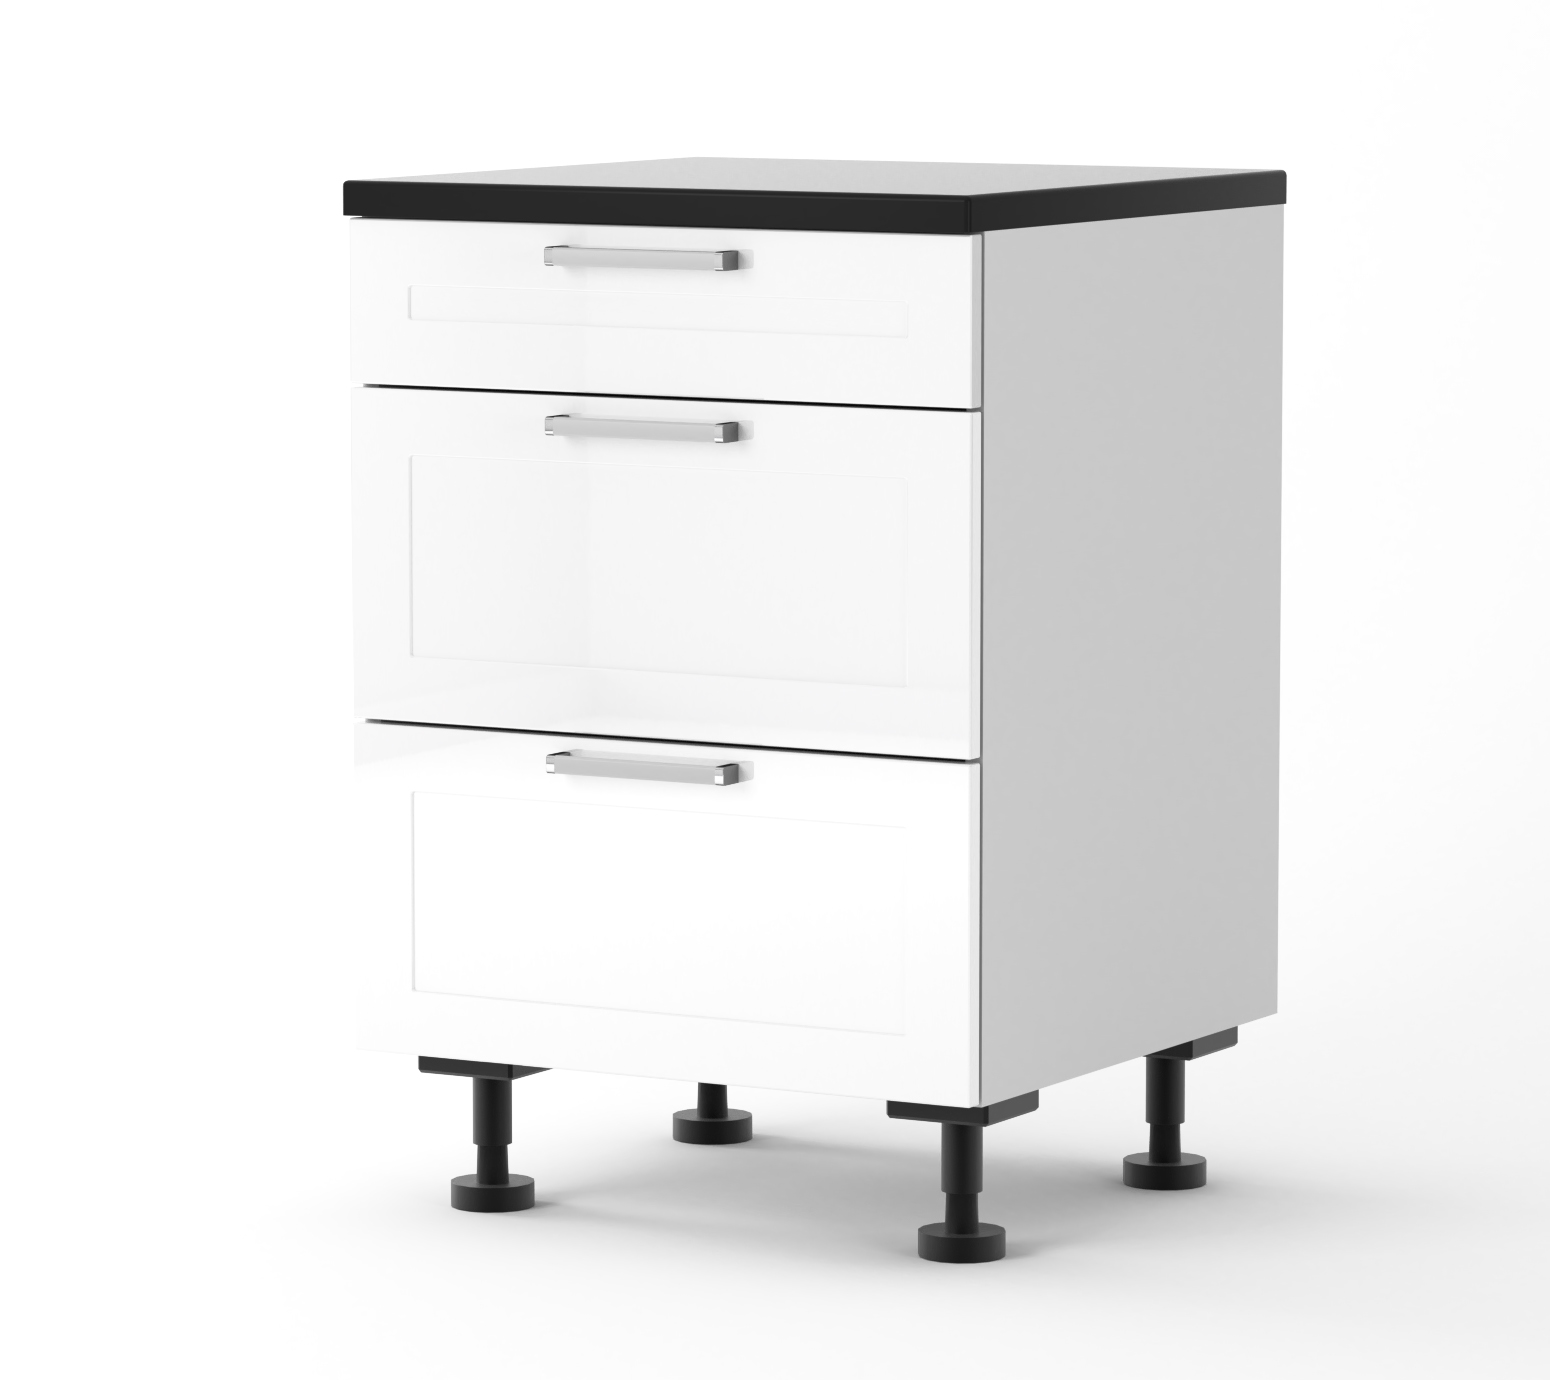 Rhodes - 600mm wide Three Drawer Base Cabinet